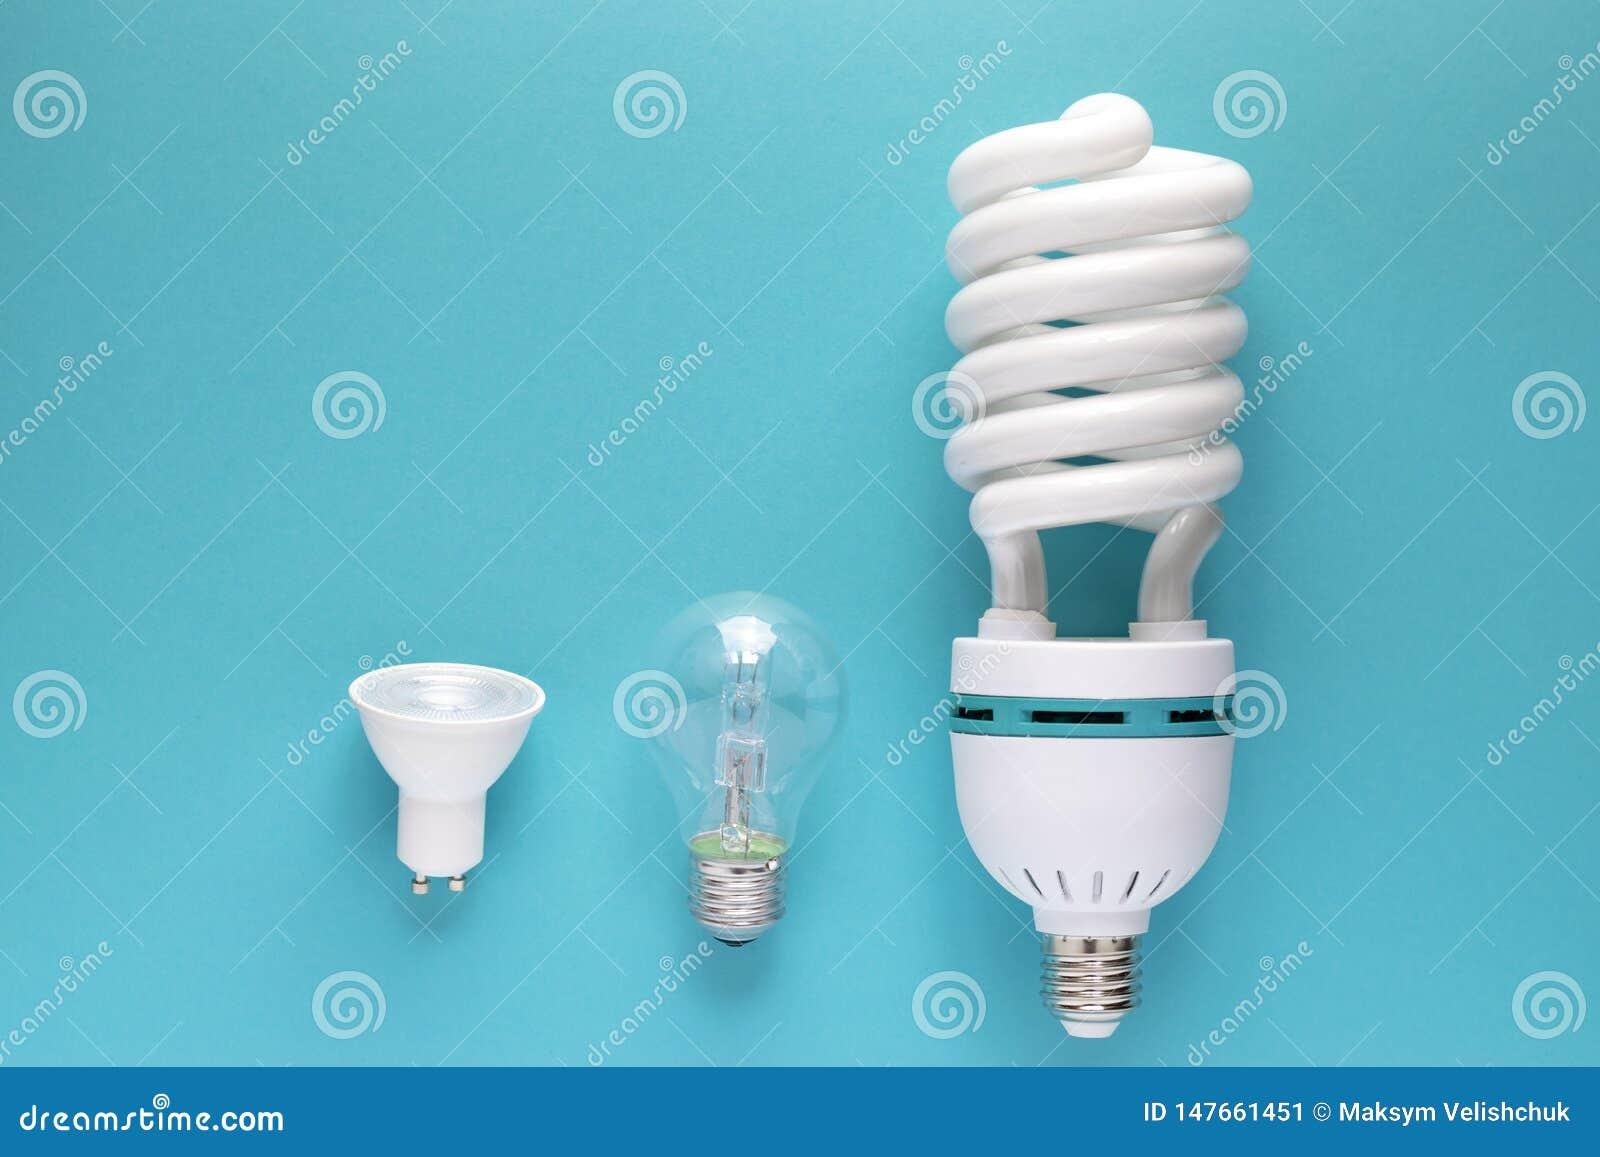 Chiuda sulla vista della lampadina della luce bianca